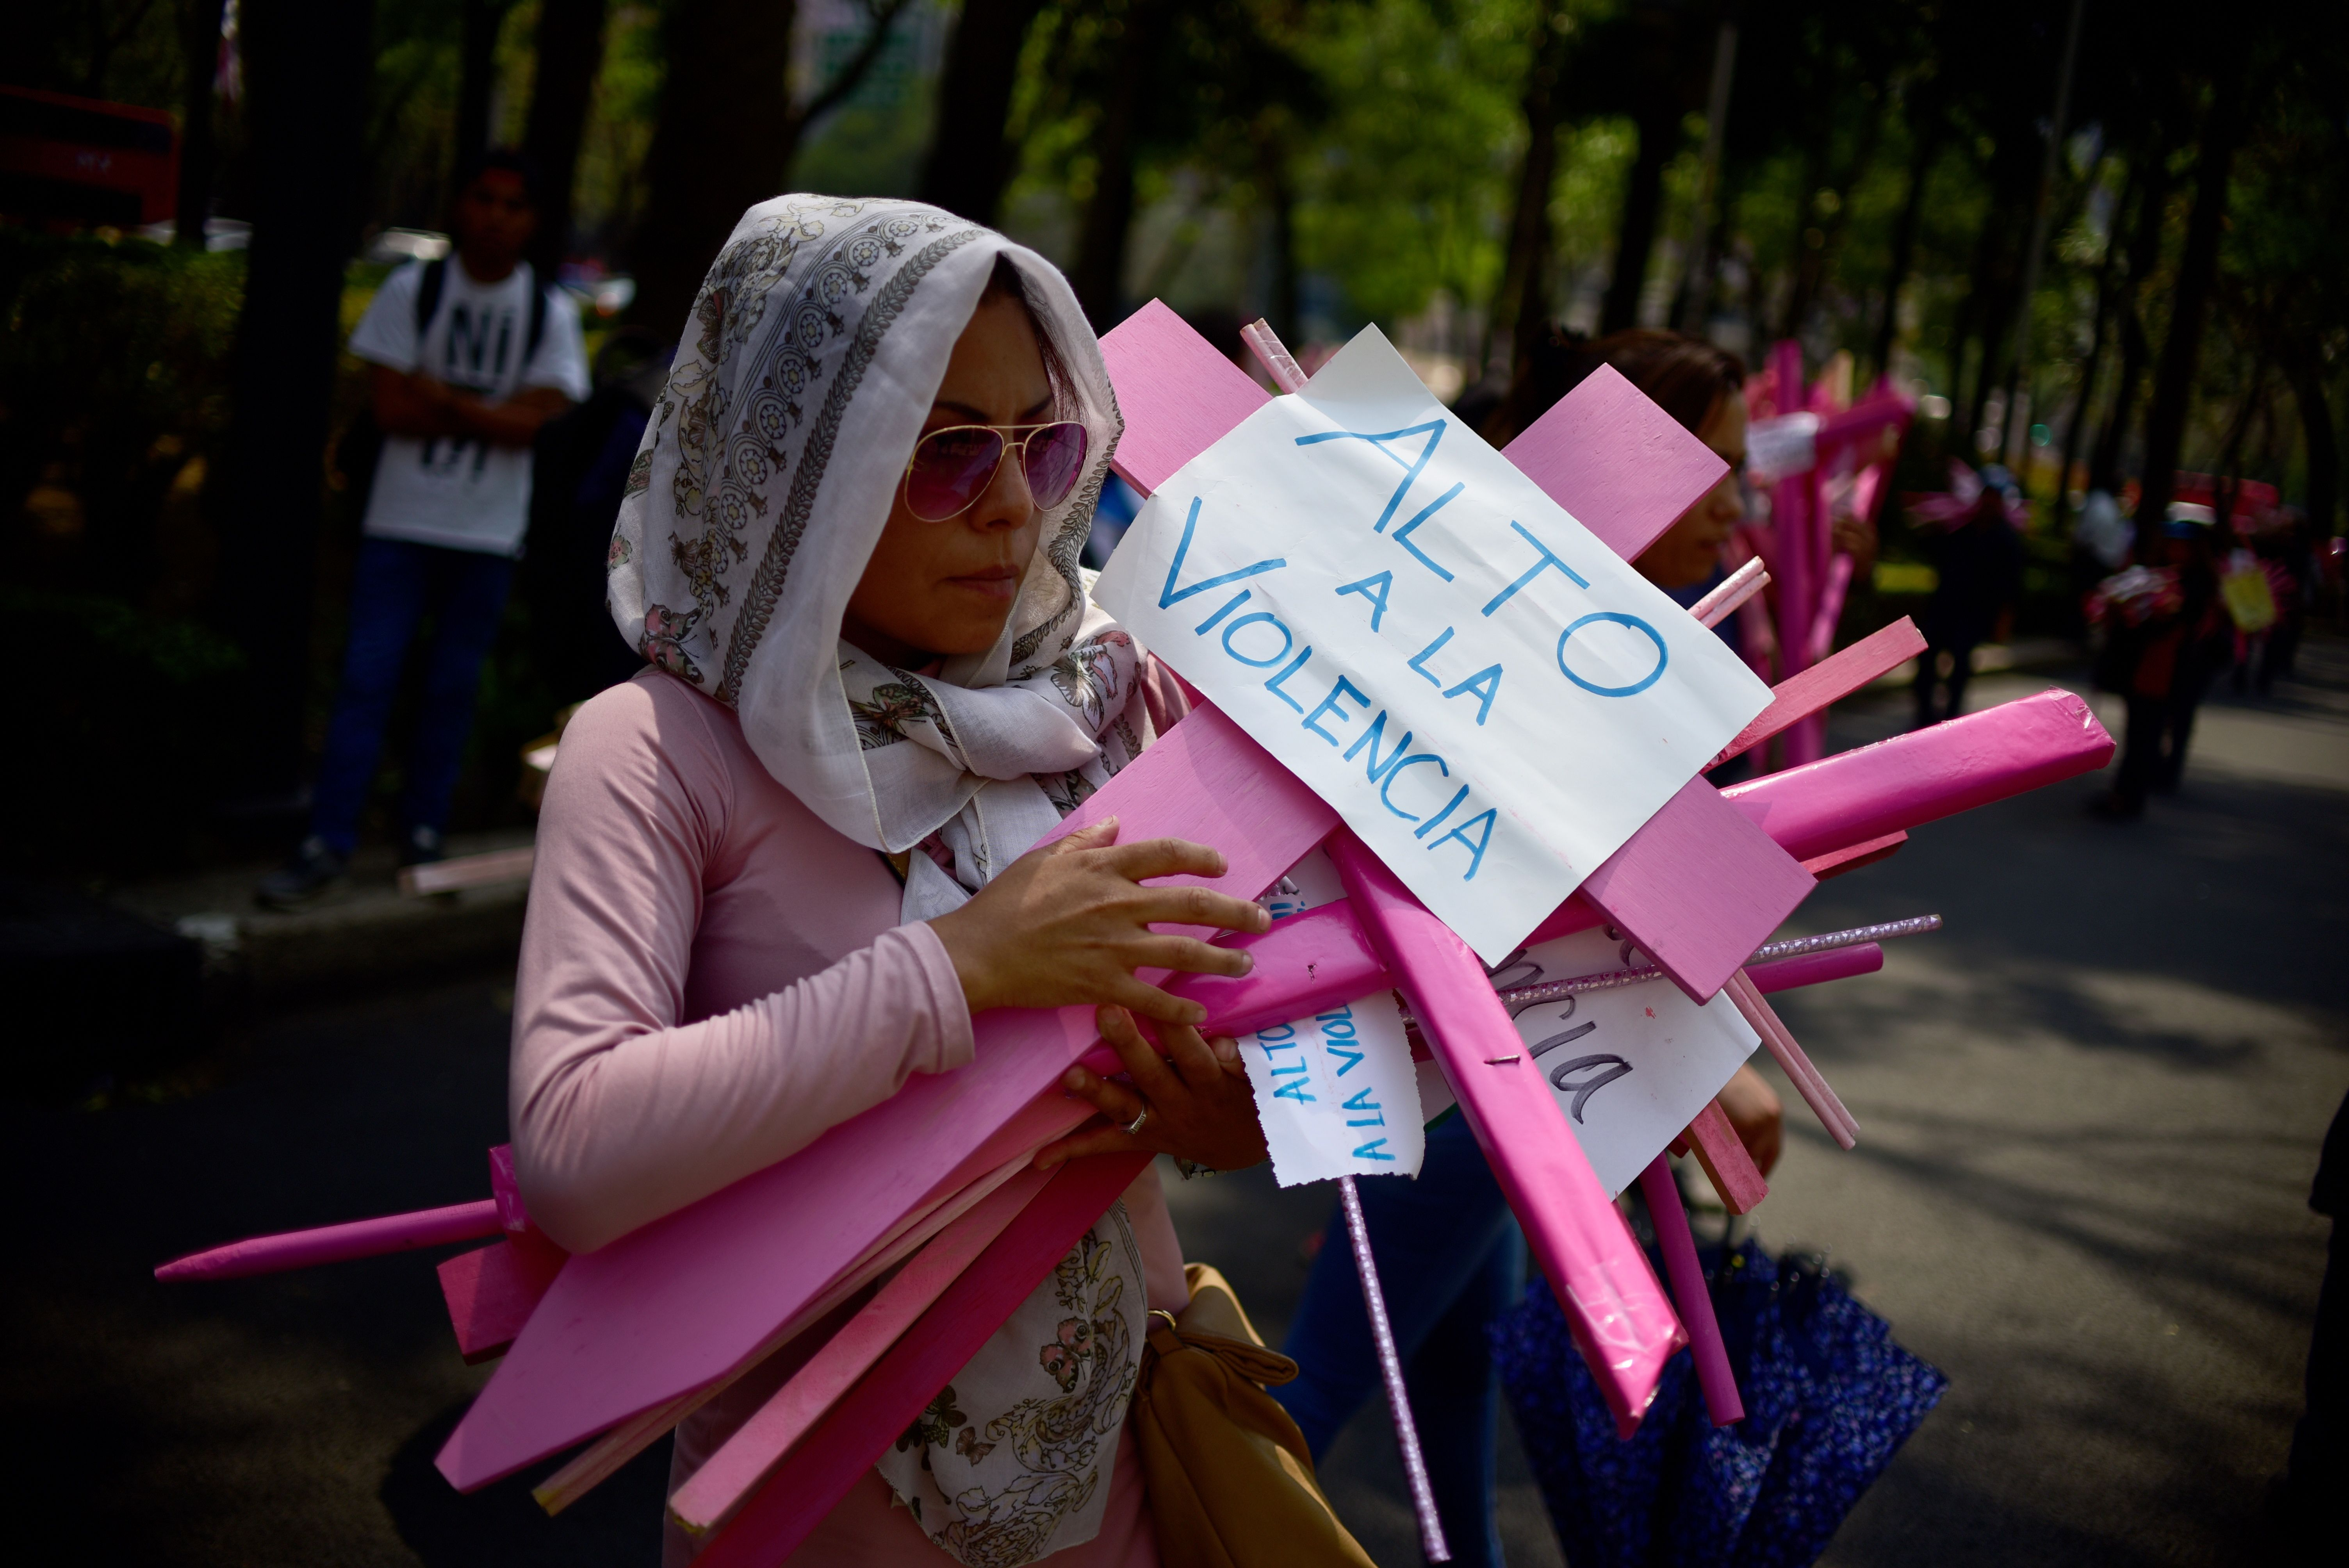 MEXICO-CRIME-VIOLENCE-PROTEST